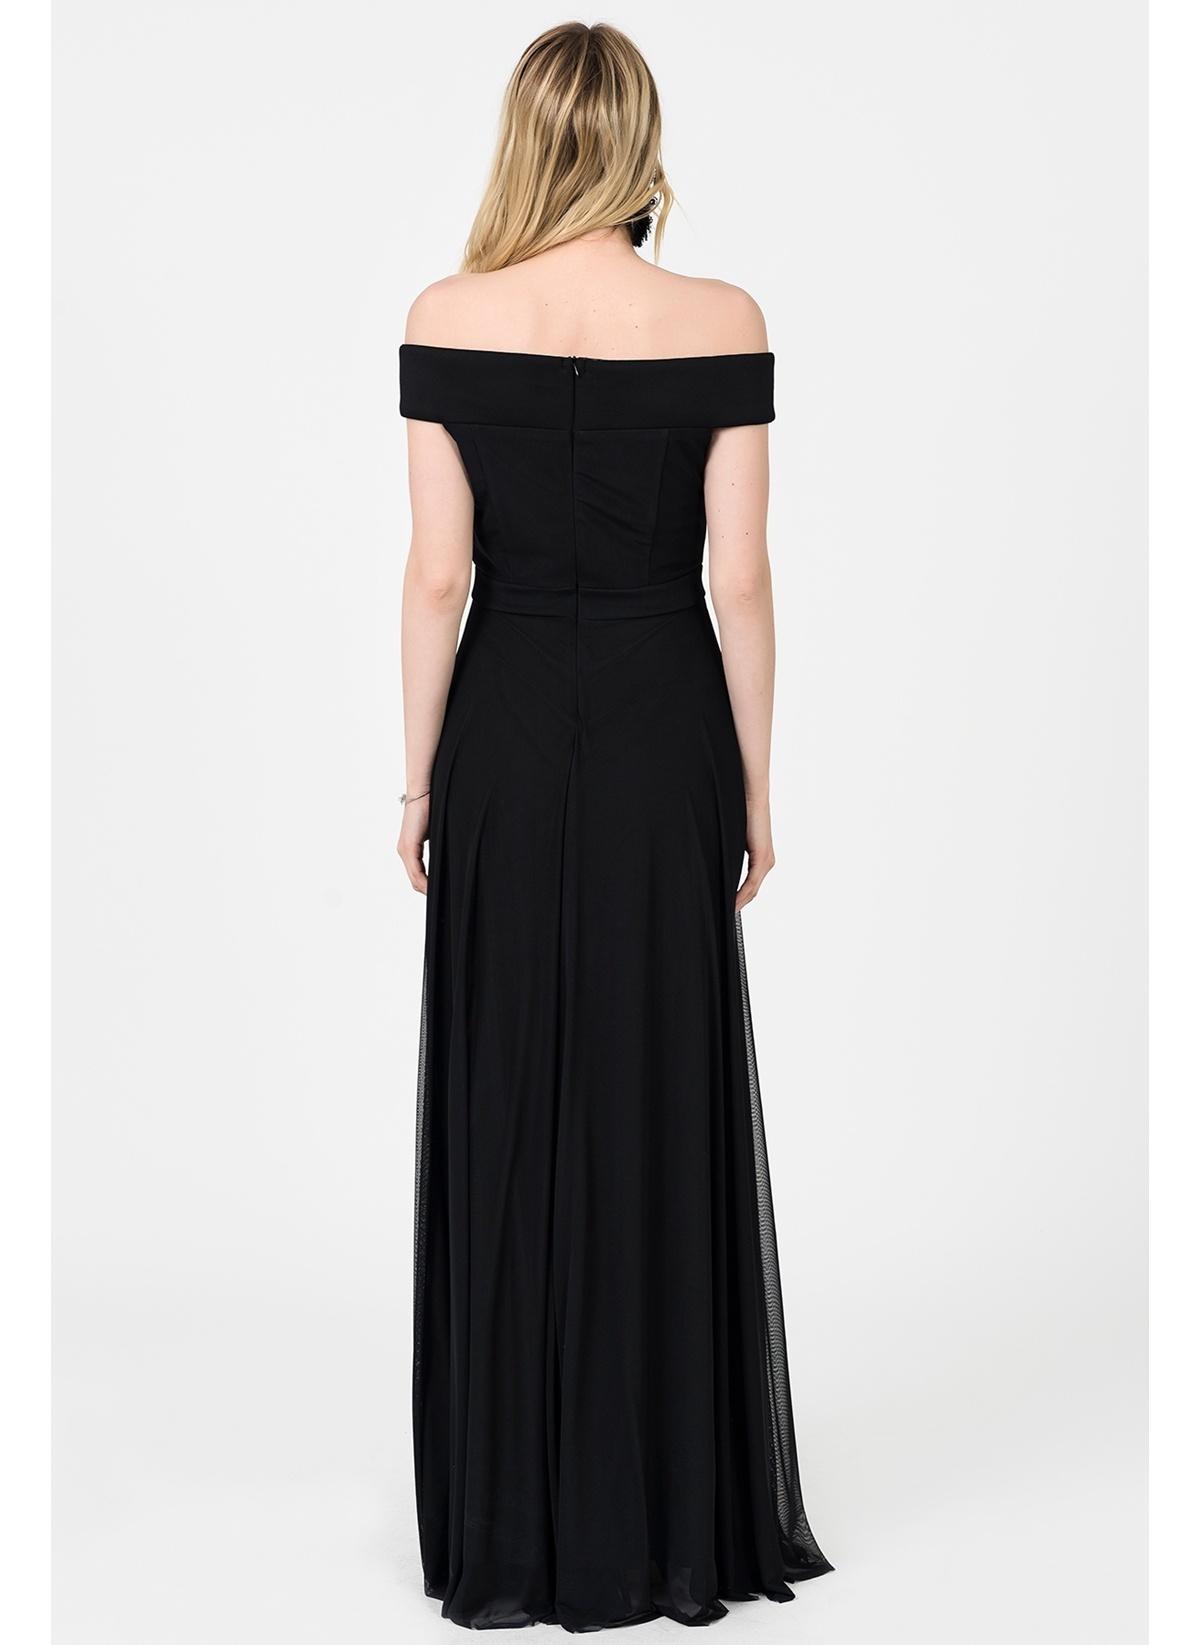 b4ec0a36b36e3 İroni Kadın Kayık Yaka Uzun Abiye Elbise Sıyah | Morhipo | 21619773